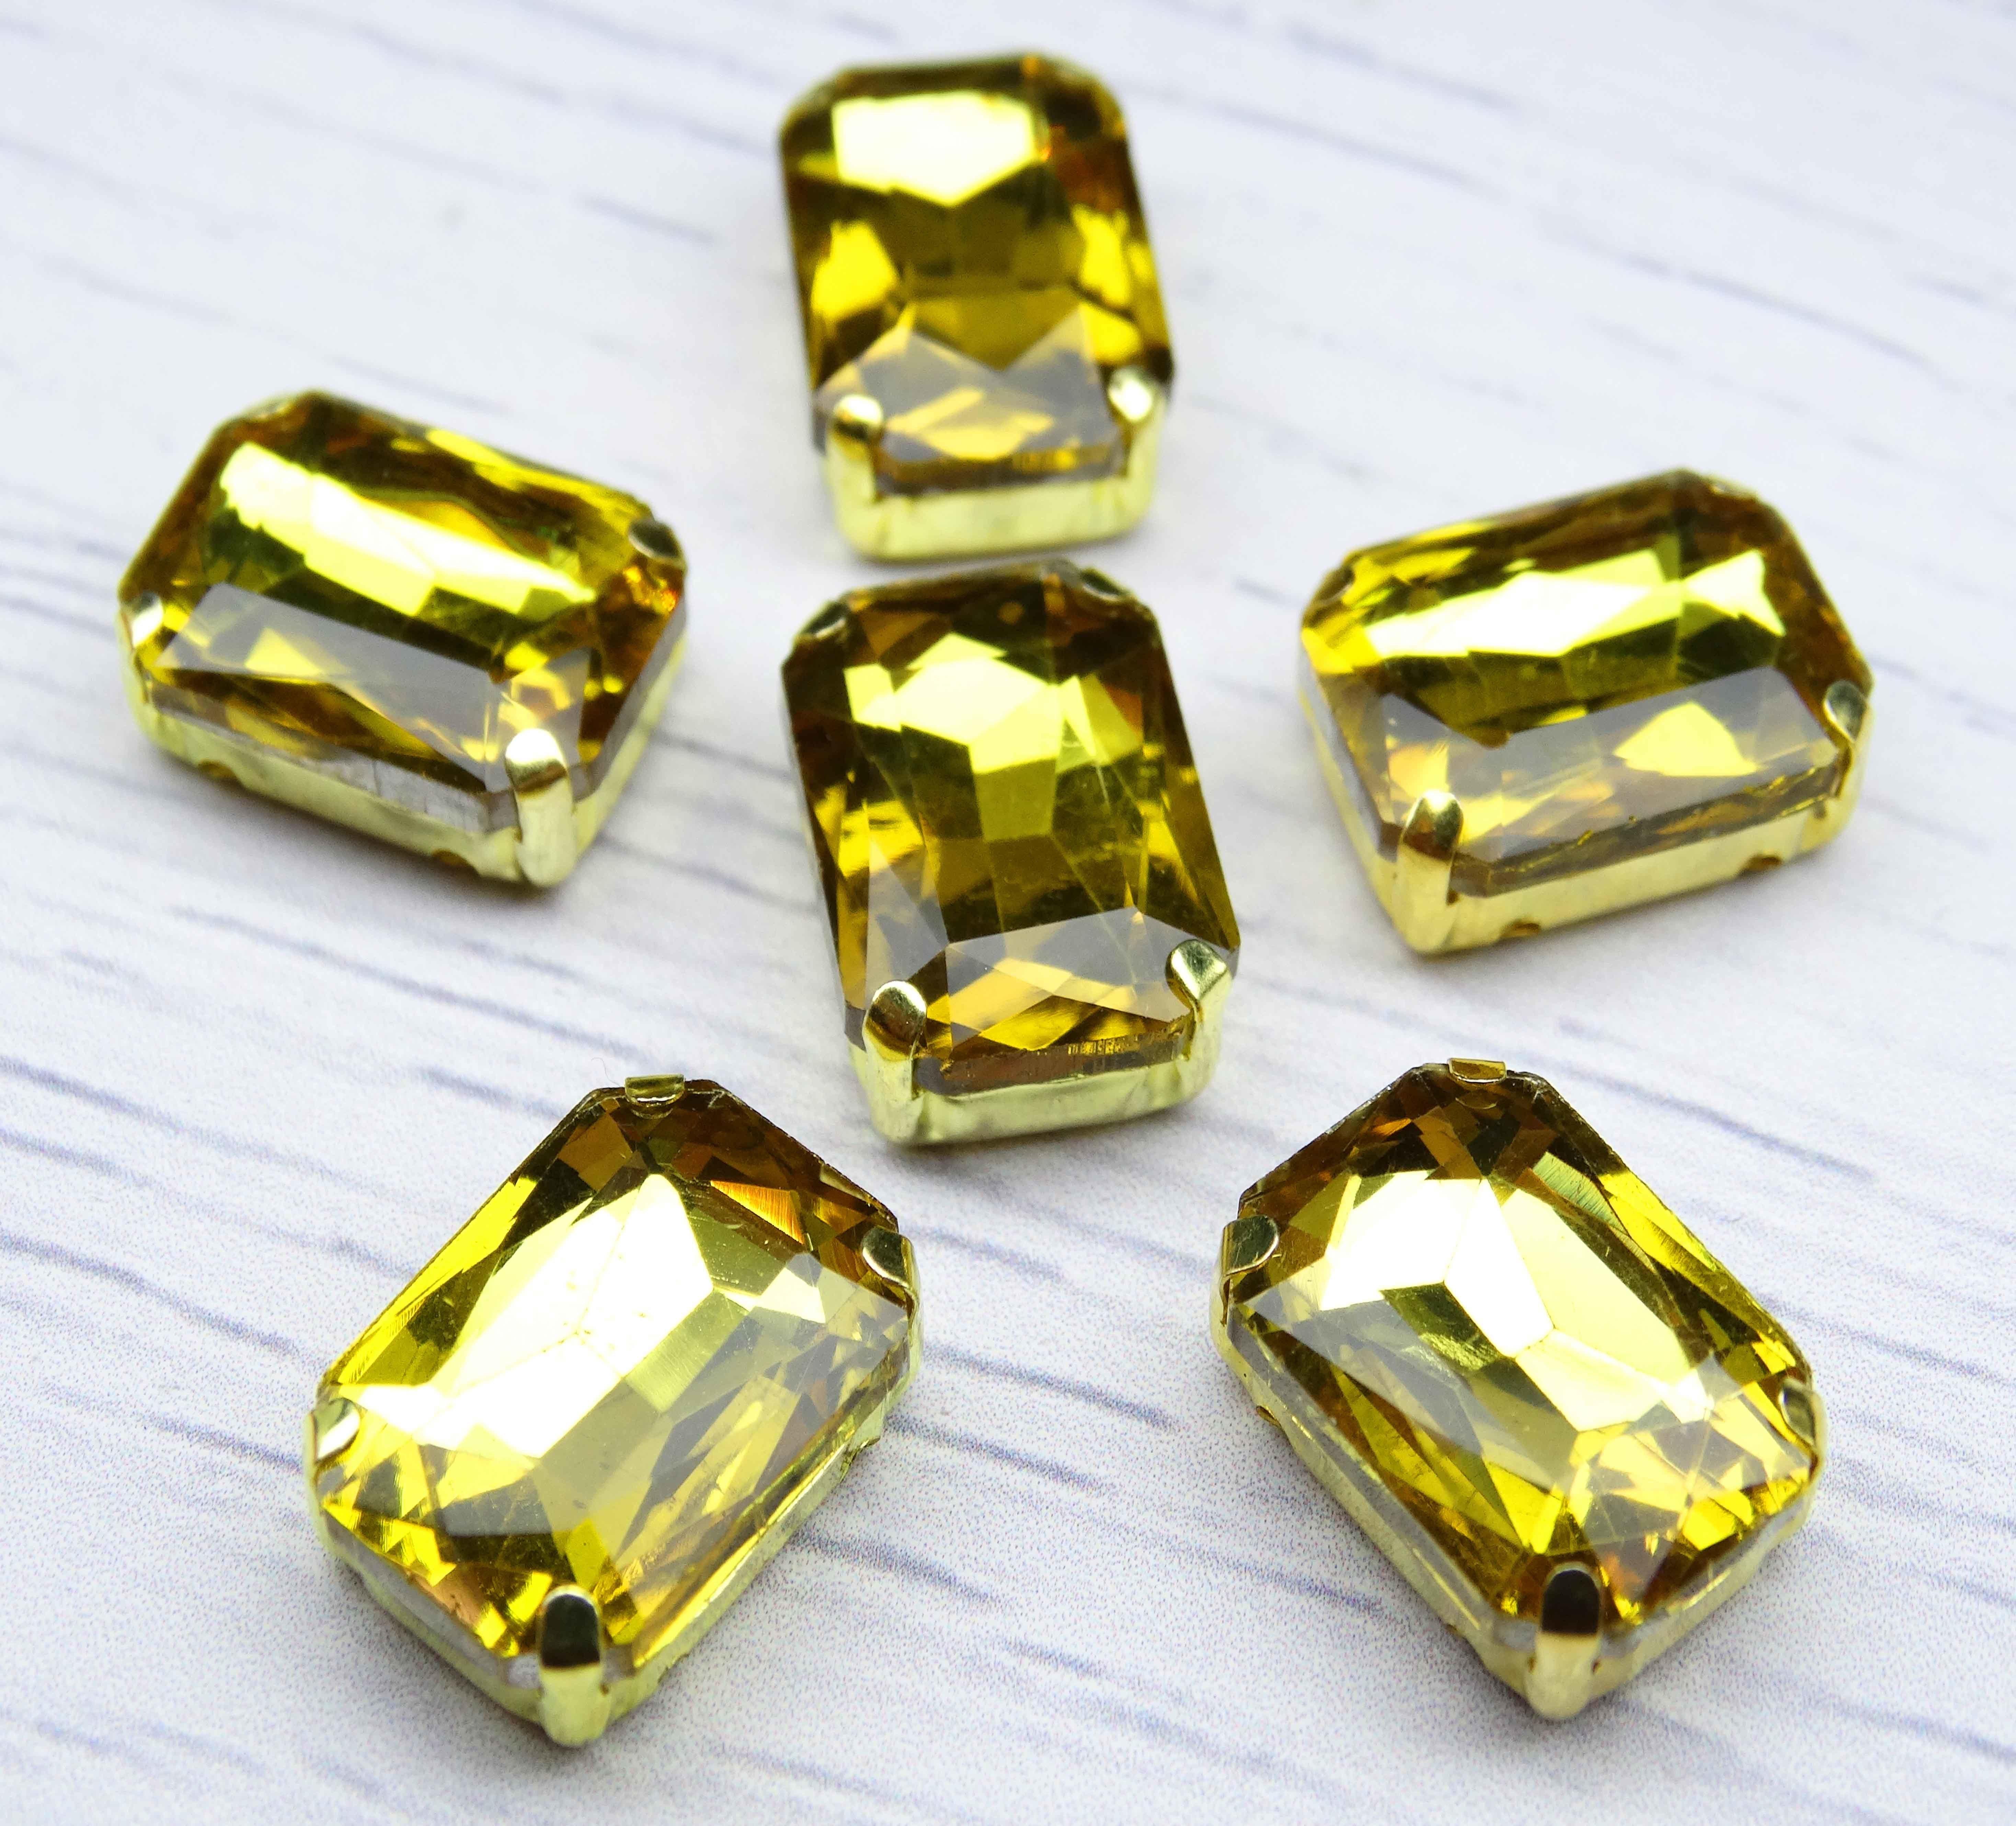 ПЦ002НН1014 Хрустальные стразы в металлических цапах (золото) Желтый 10х14 мм 5 шт/упак.